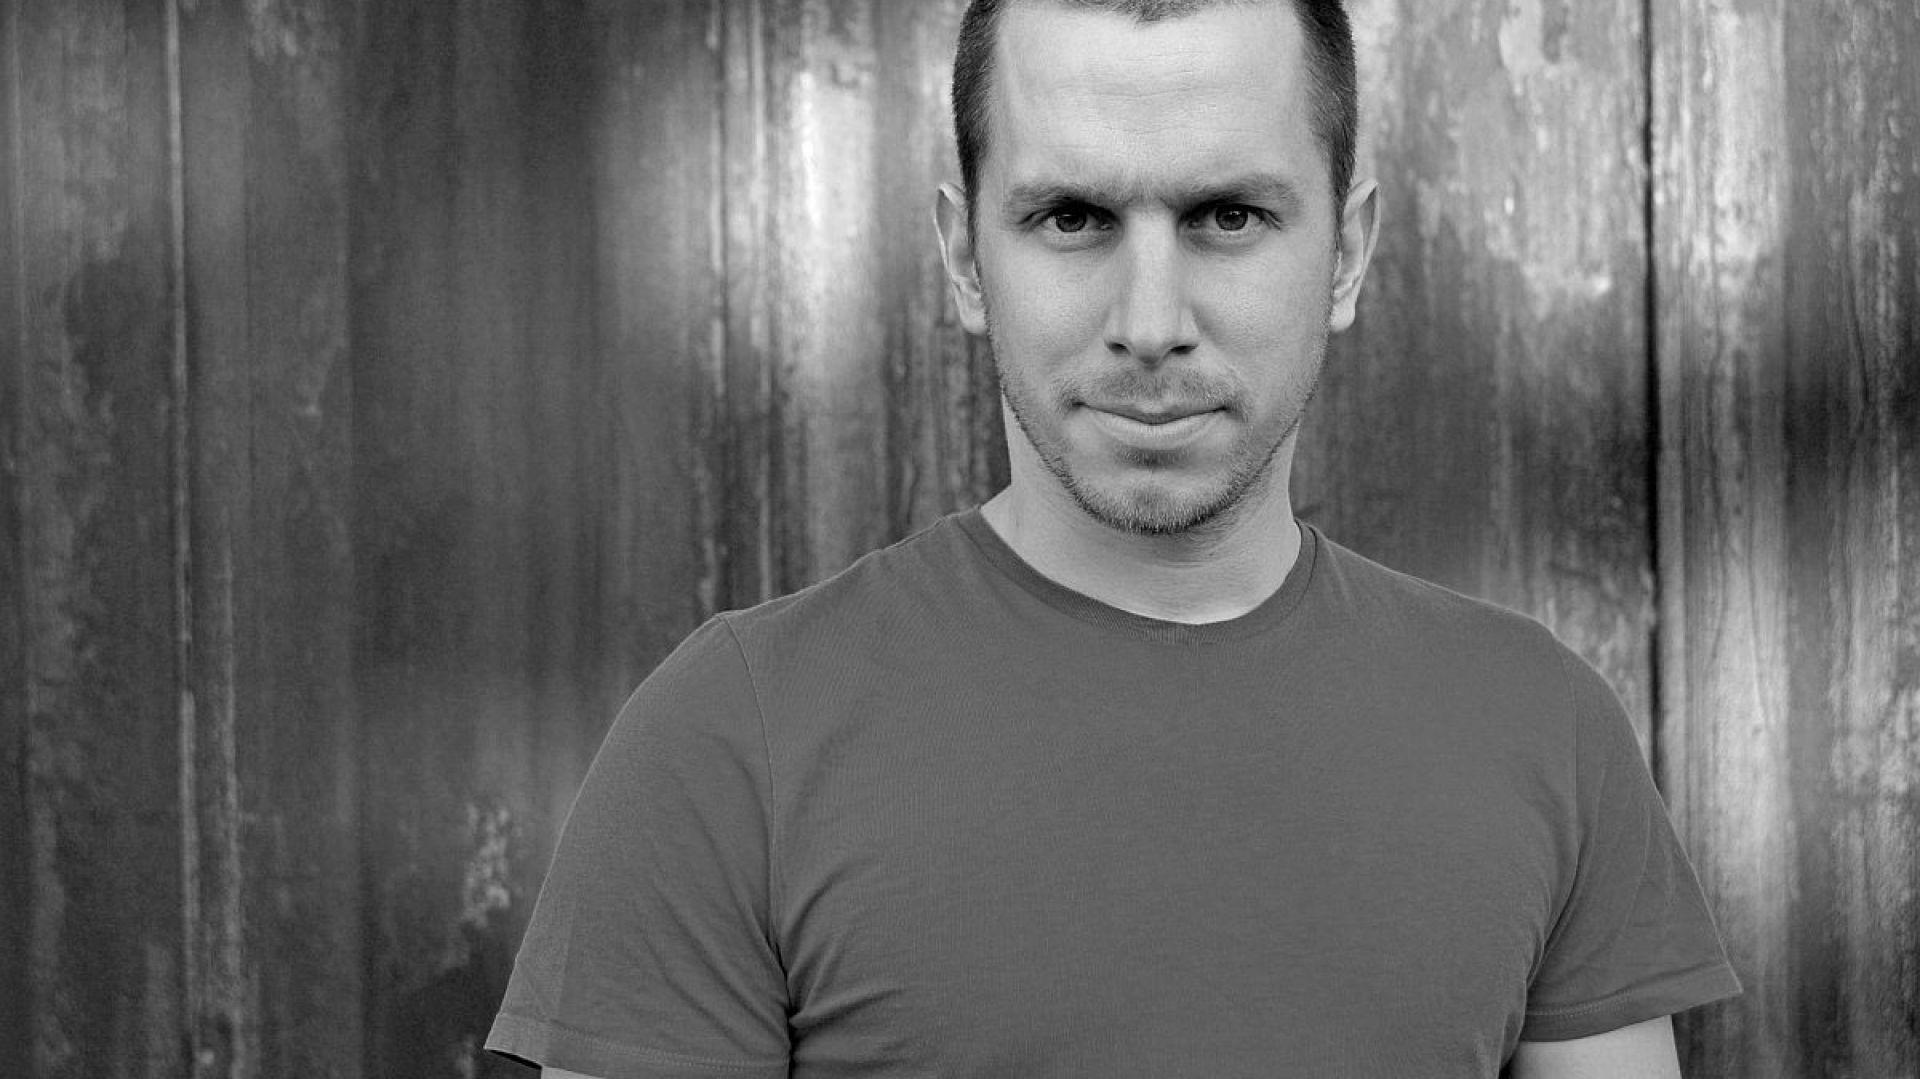 Sander Mulder na Arena Design 2014 1 Fot. Sander Mulder.jpg